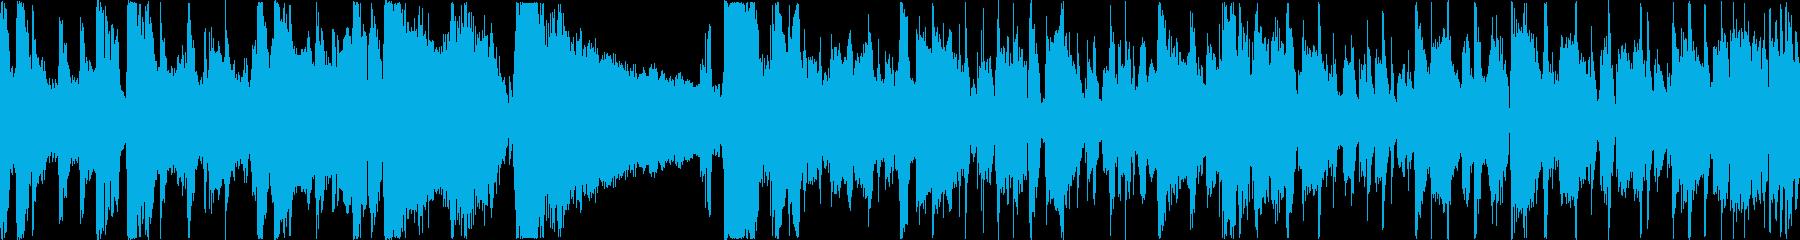 ギターソロが印象的なジャズファンクの再生済みの波形